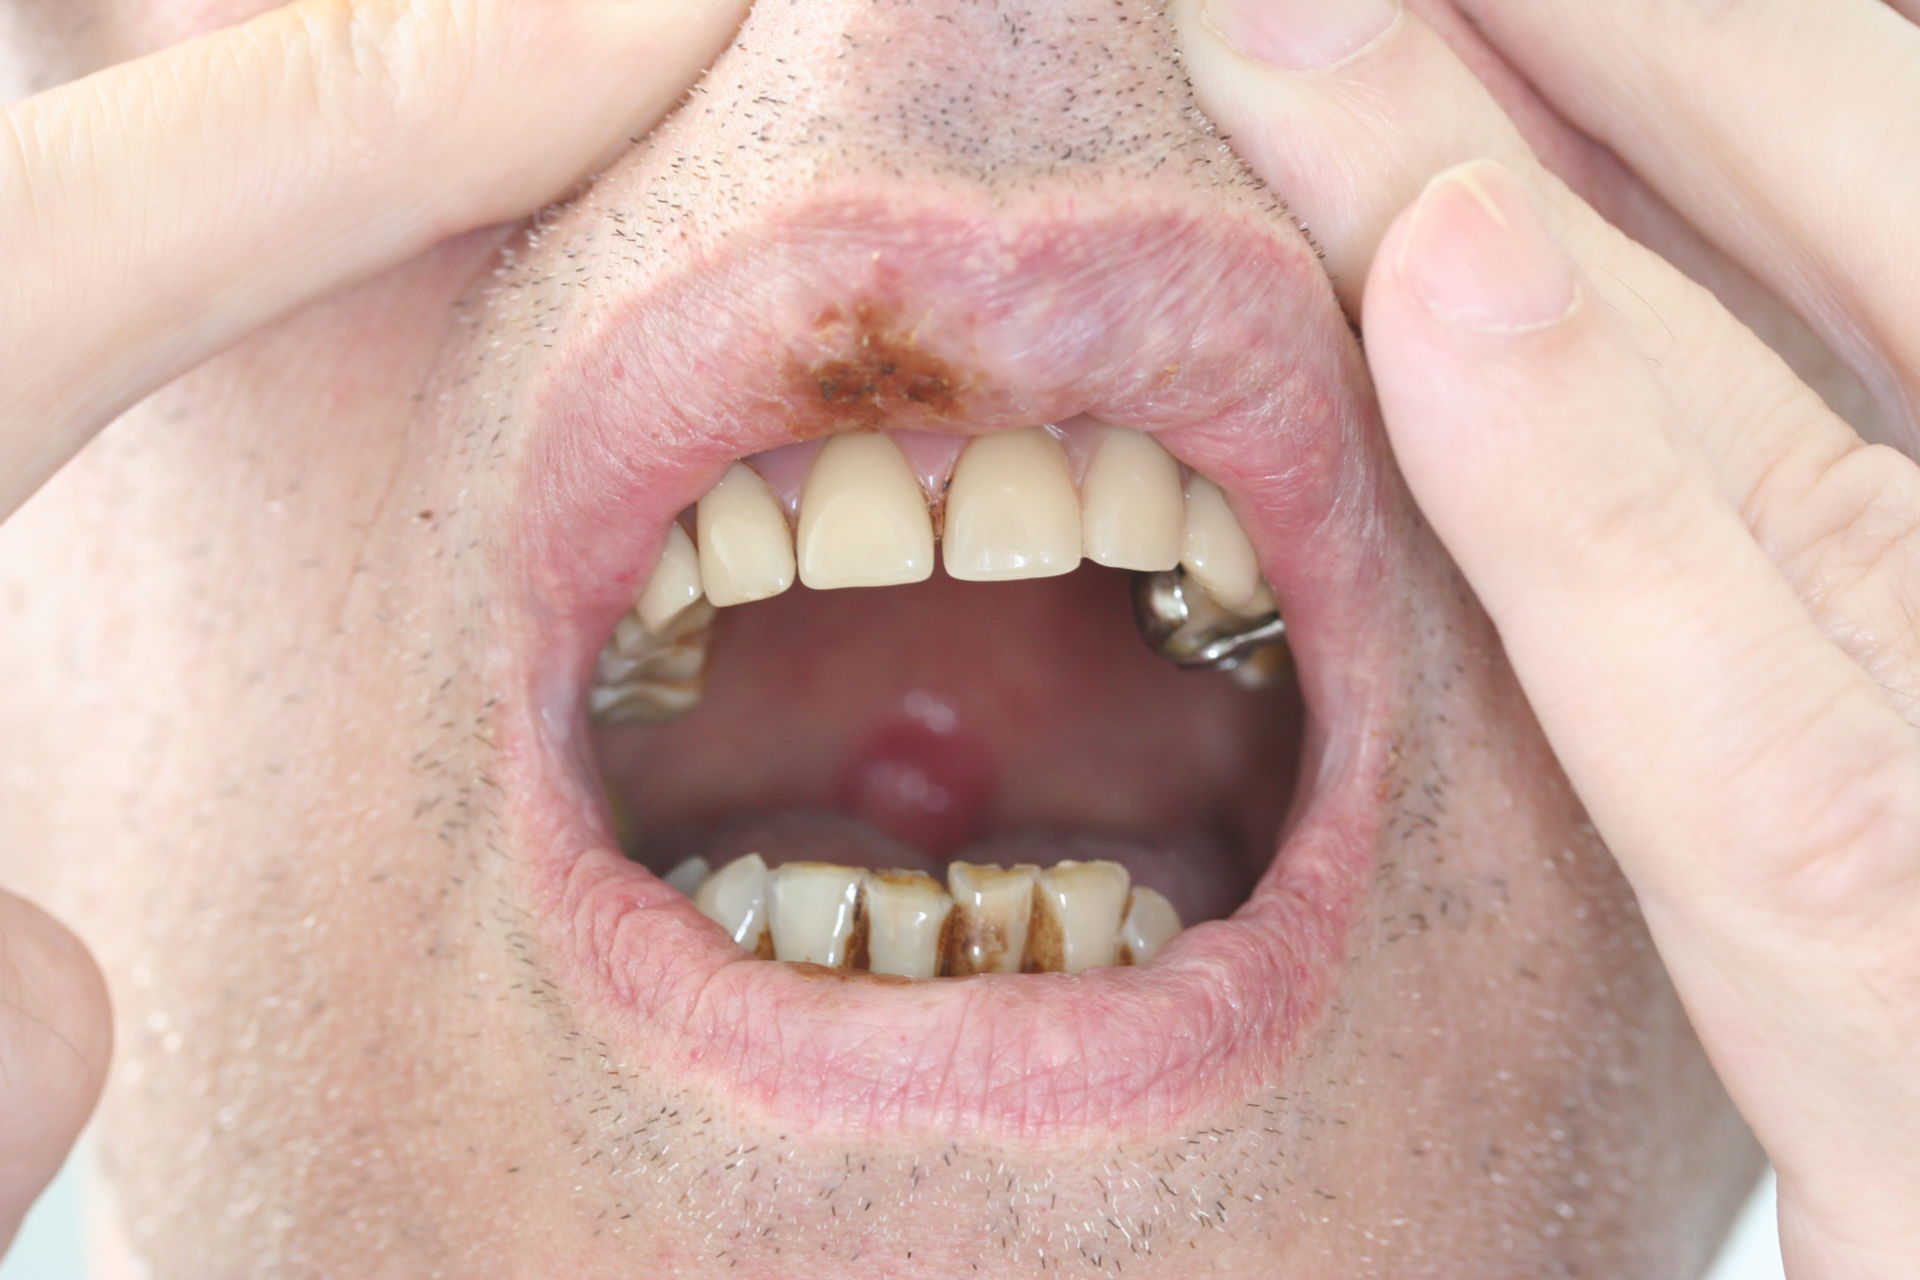 Labbra e denti danni in un accanito fumatore